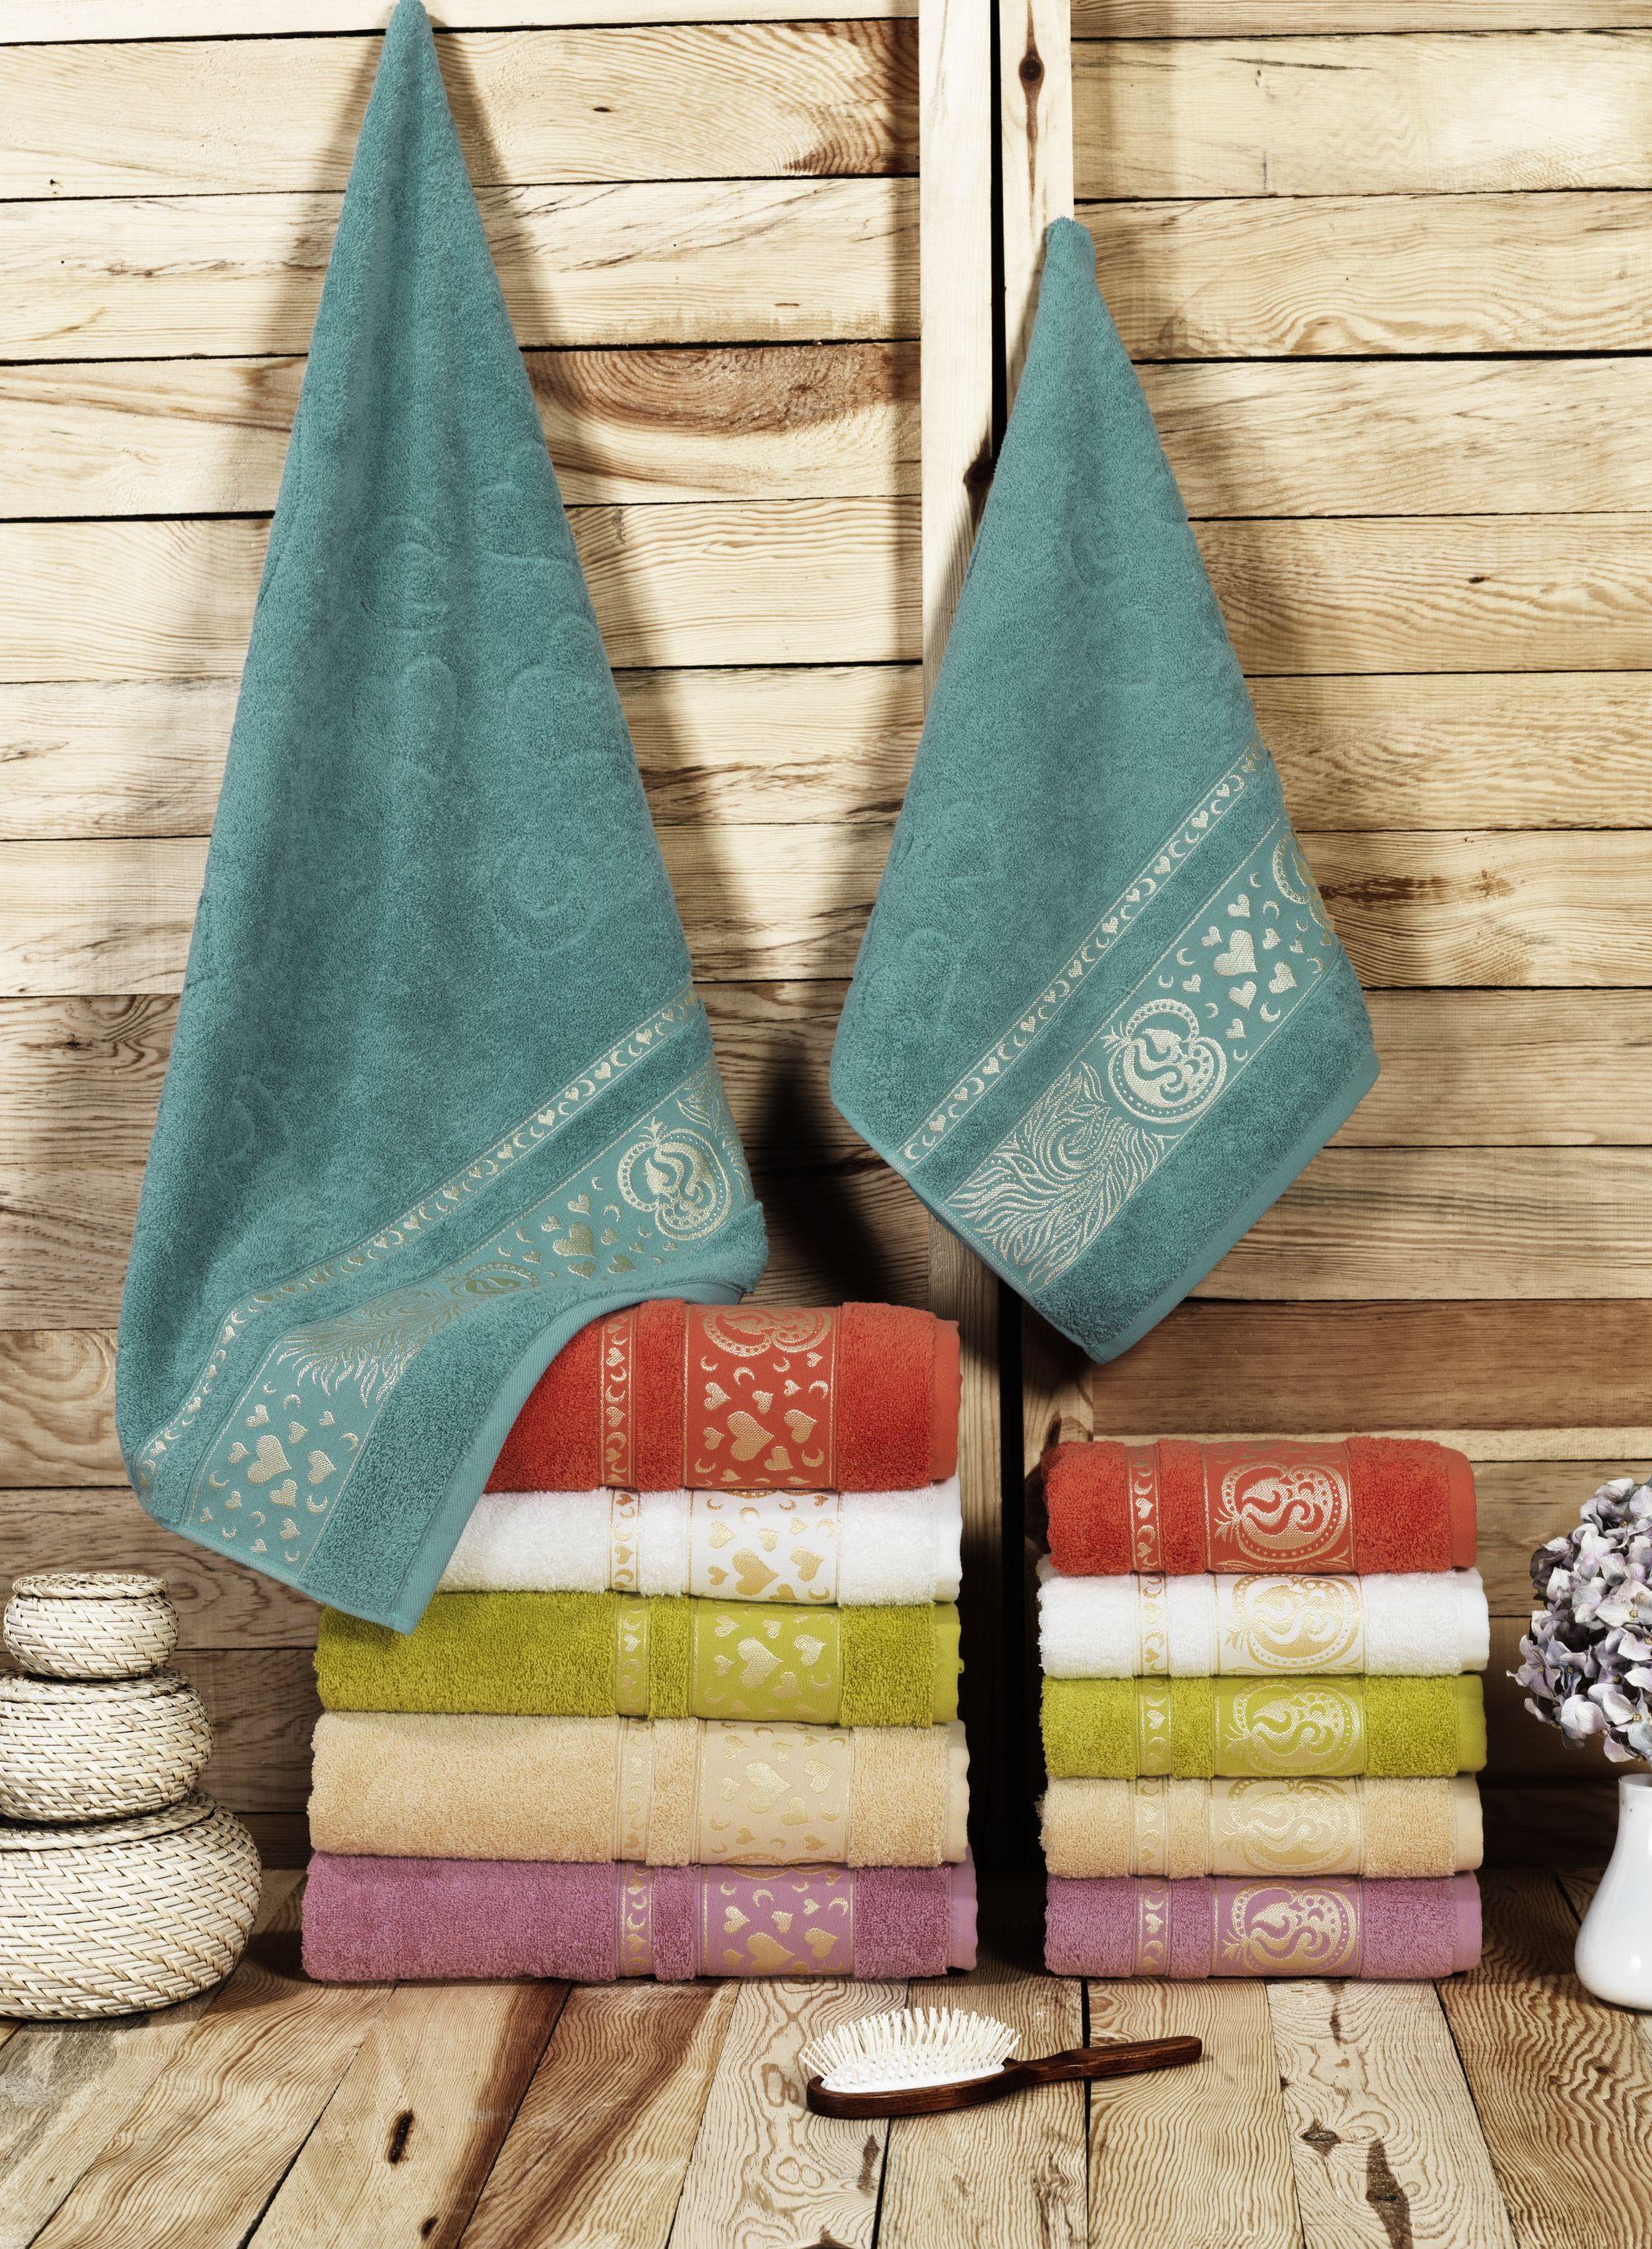 Полотенца Beautiful Rose Полотенце Melis (50х90 см - 6 шт) набор из 3 полотенец merzuka sakura 50х90 2 70х140 8432 терракотовый